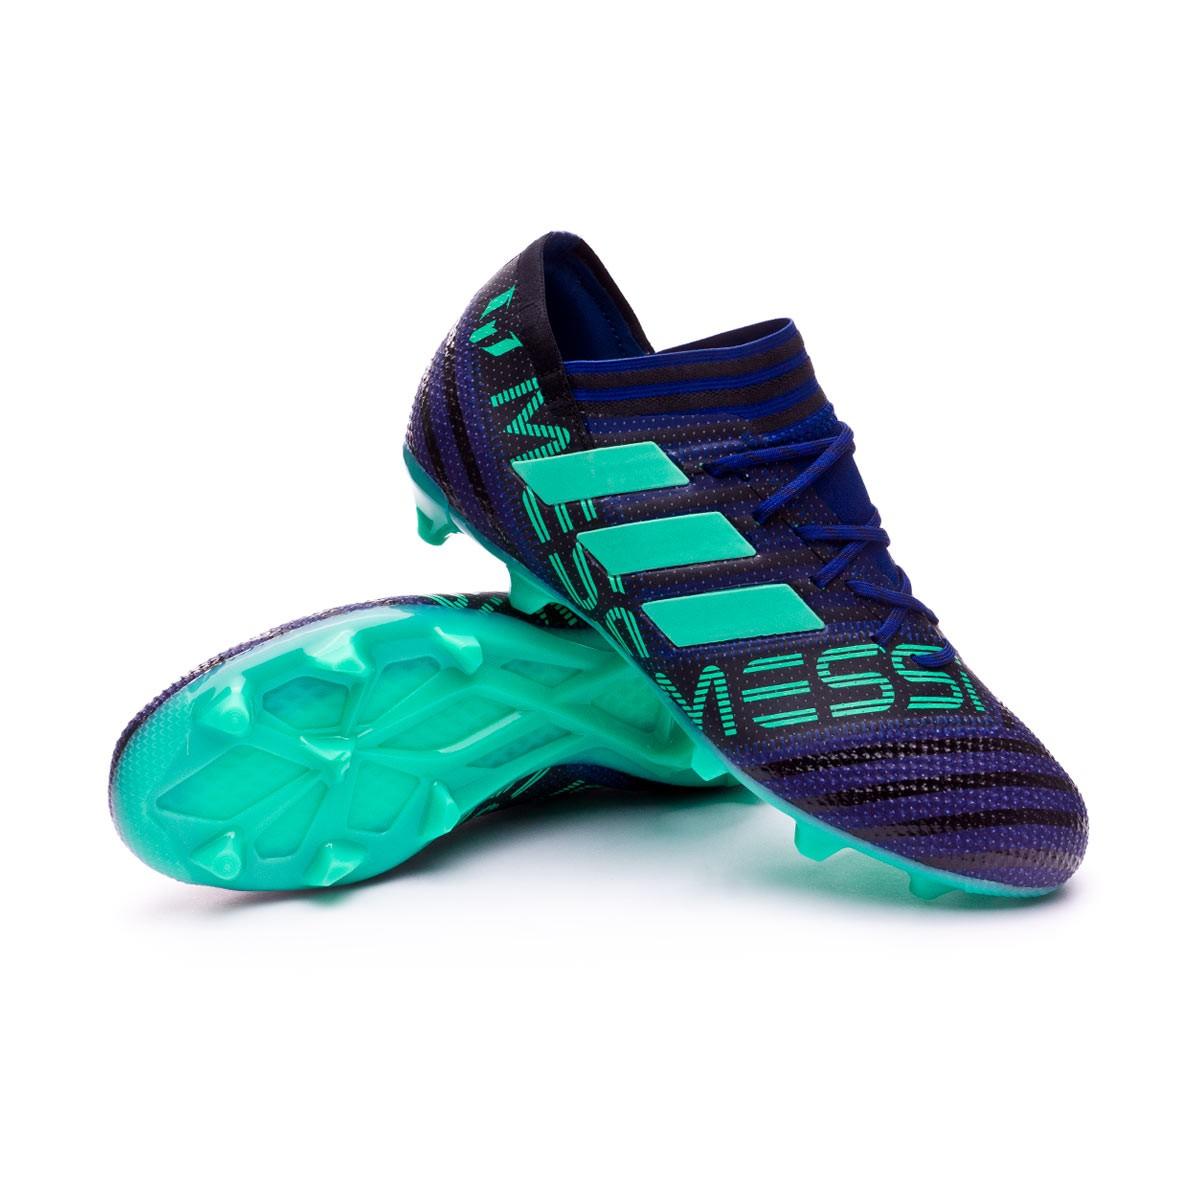 best loved 01850 bee41 Zapatos de fútbol adidas Nemeziz Messi 17.1 FG Niño Unity ink-Hi-res  green-Core Black - Soloporteros es ahora Fútbol Emotion